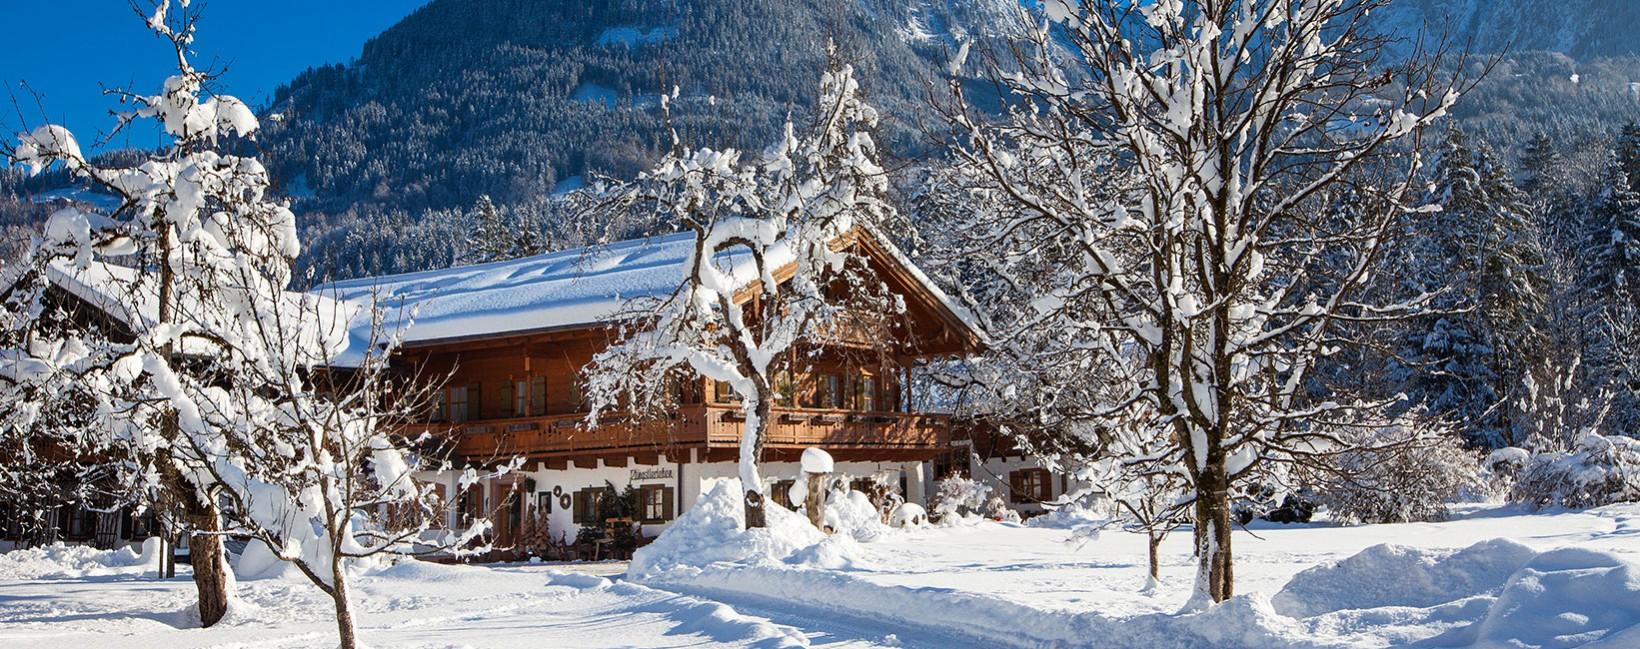 Gästehaus Pfingstlerlehen Winter